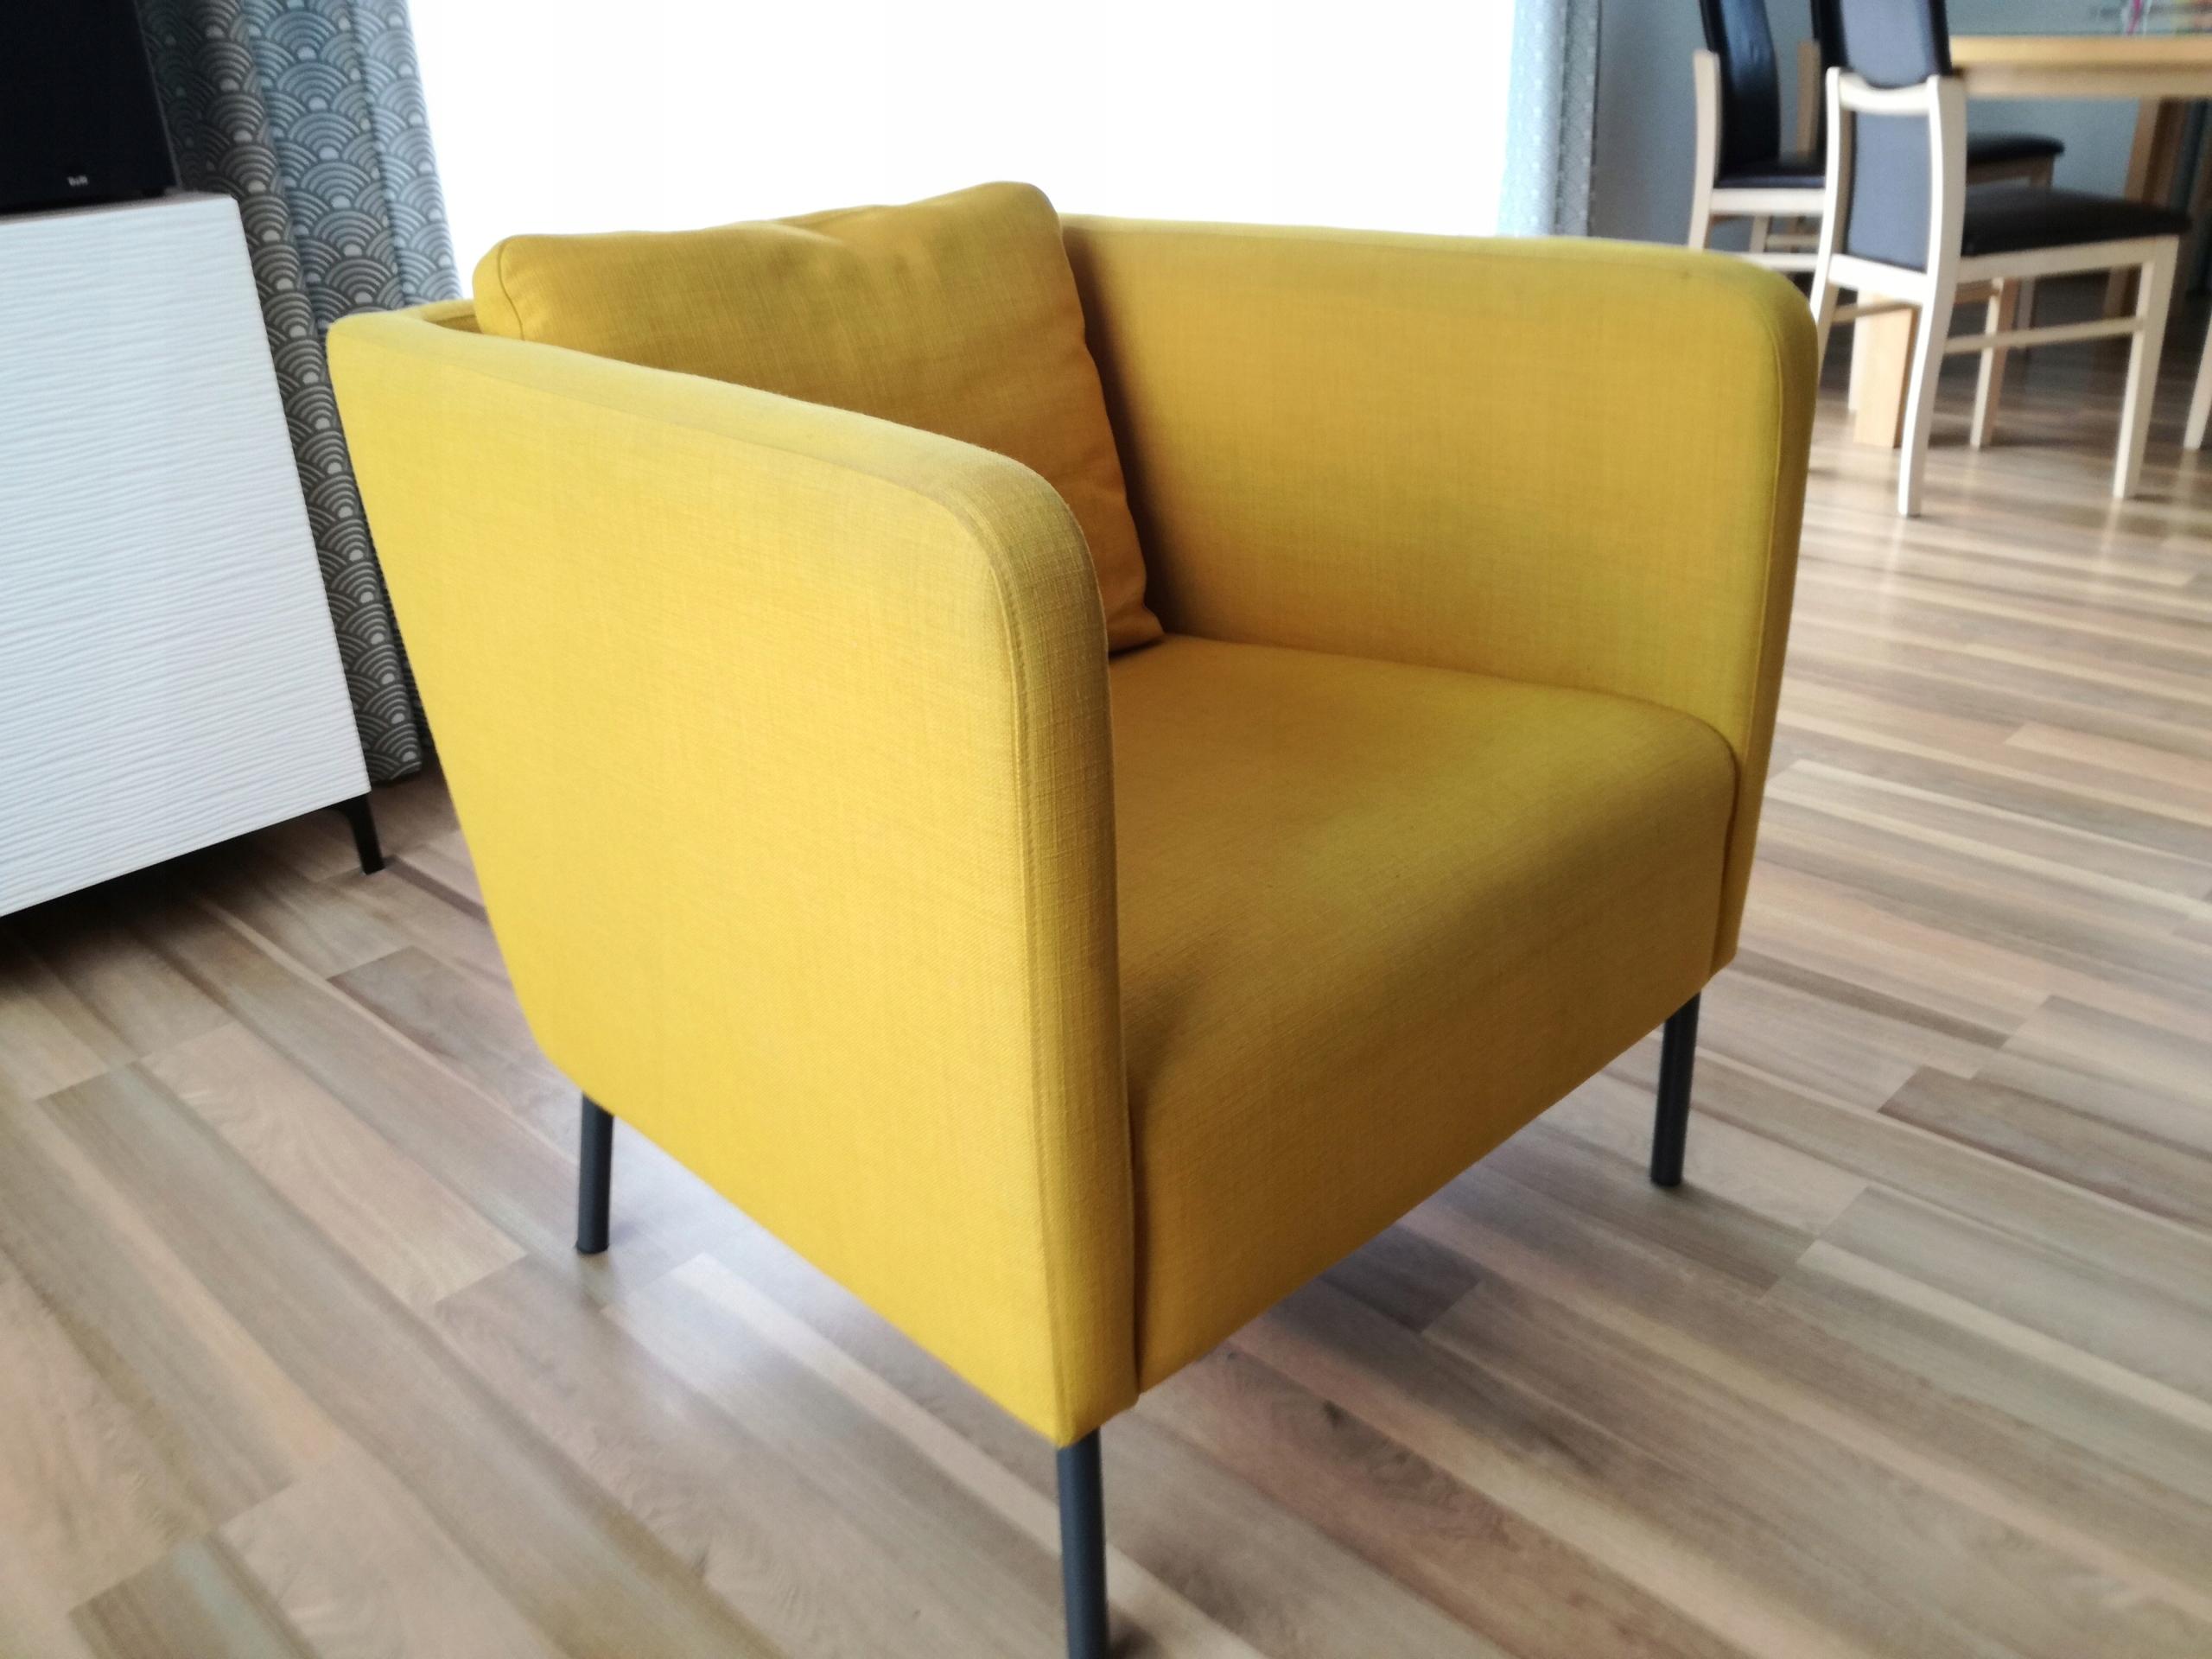 Fotel Ikea Ekero Kolor żółty 7512123102 Oficjalne